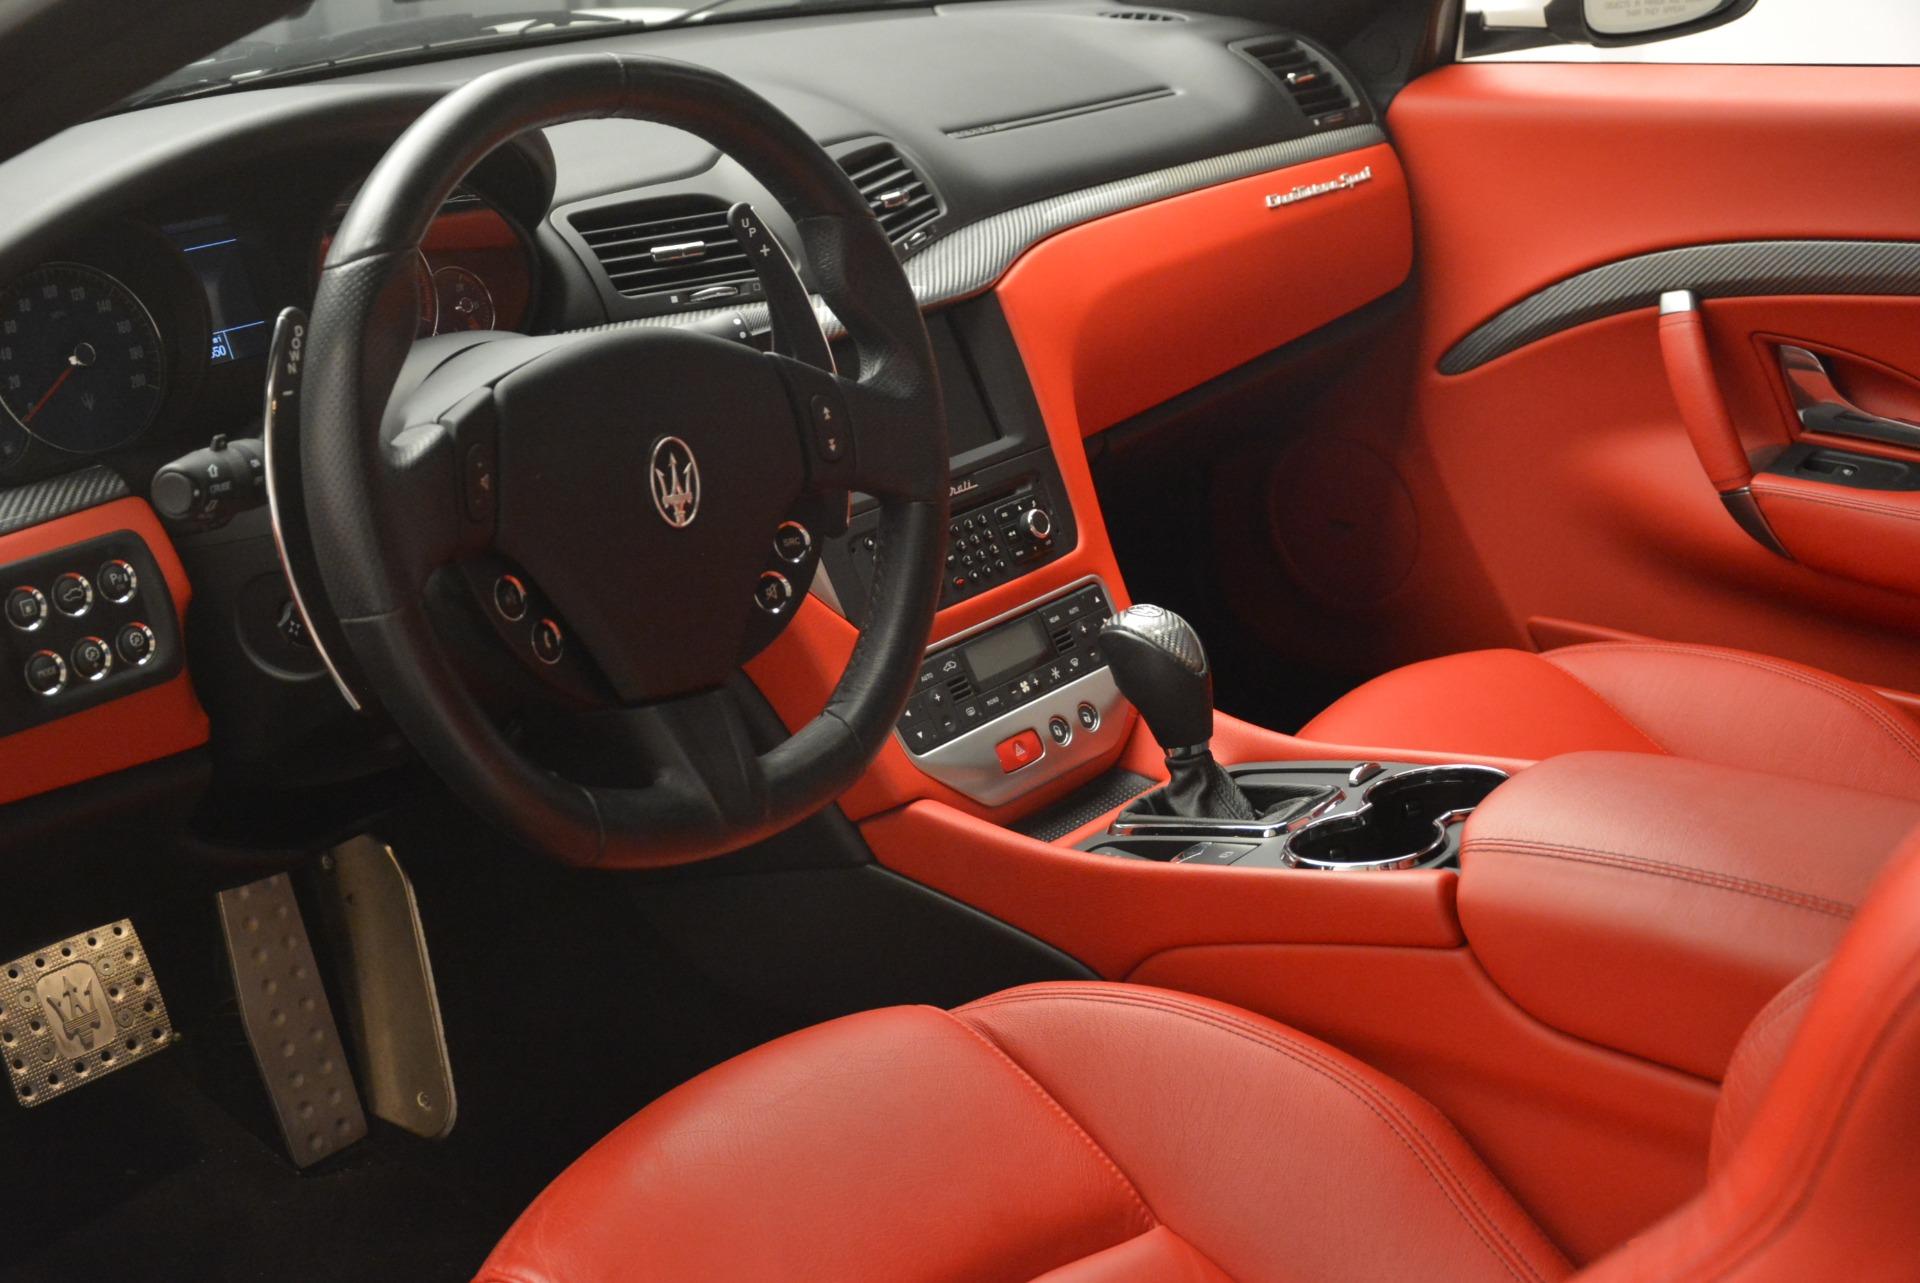 Used 2015 Maserati GranTurismo Sport For Sale In Westport, CT 2233_p13